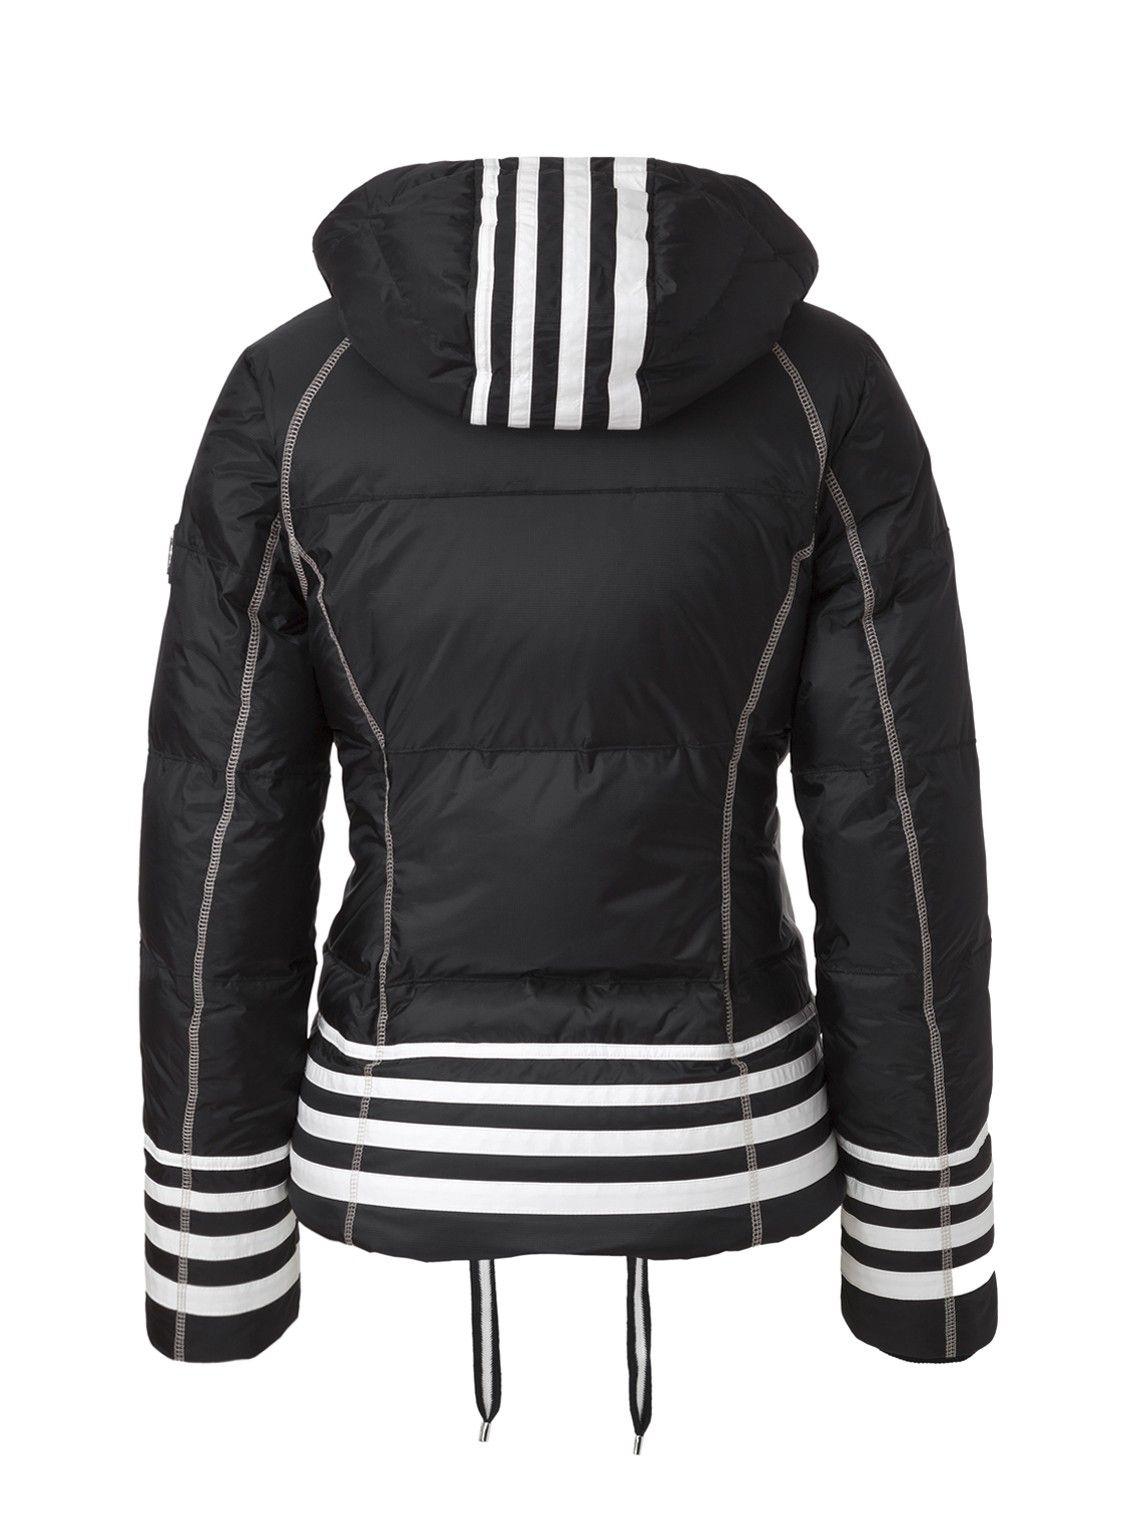 Kesara Ski Jacket Jackets Black Women's Jackets Down BAqFfn